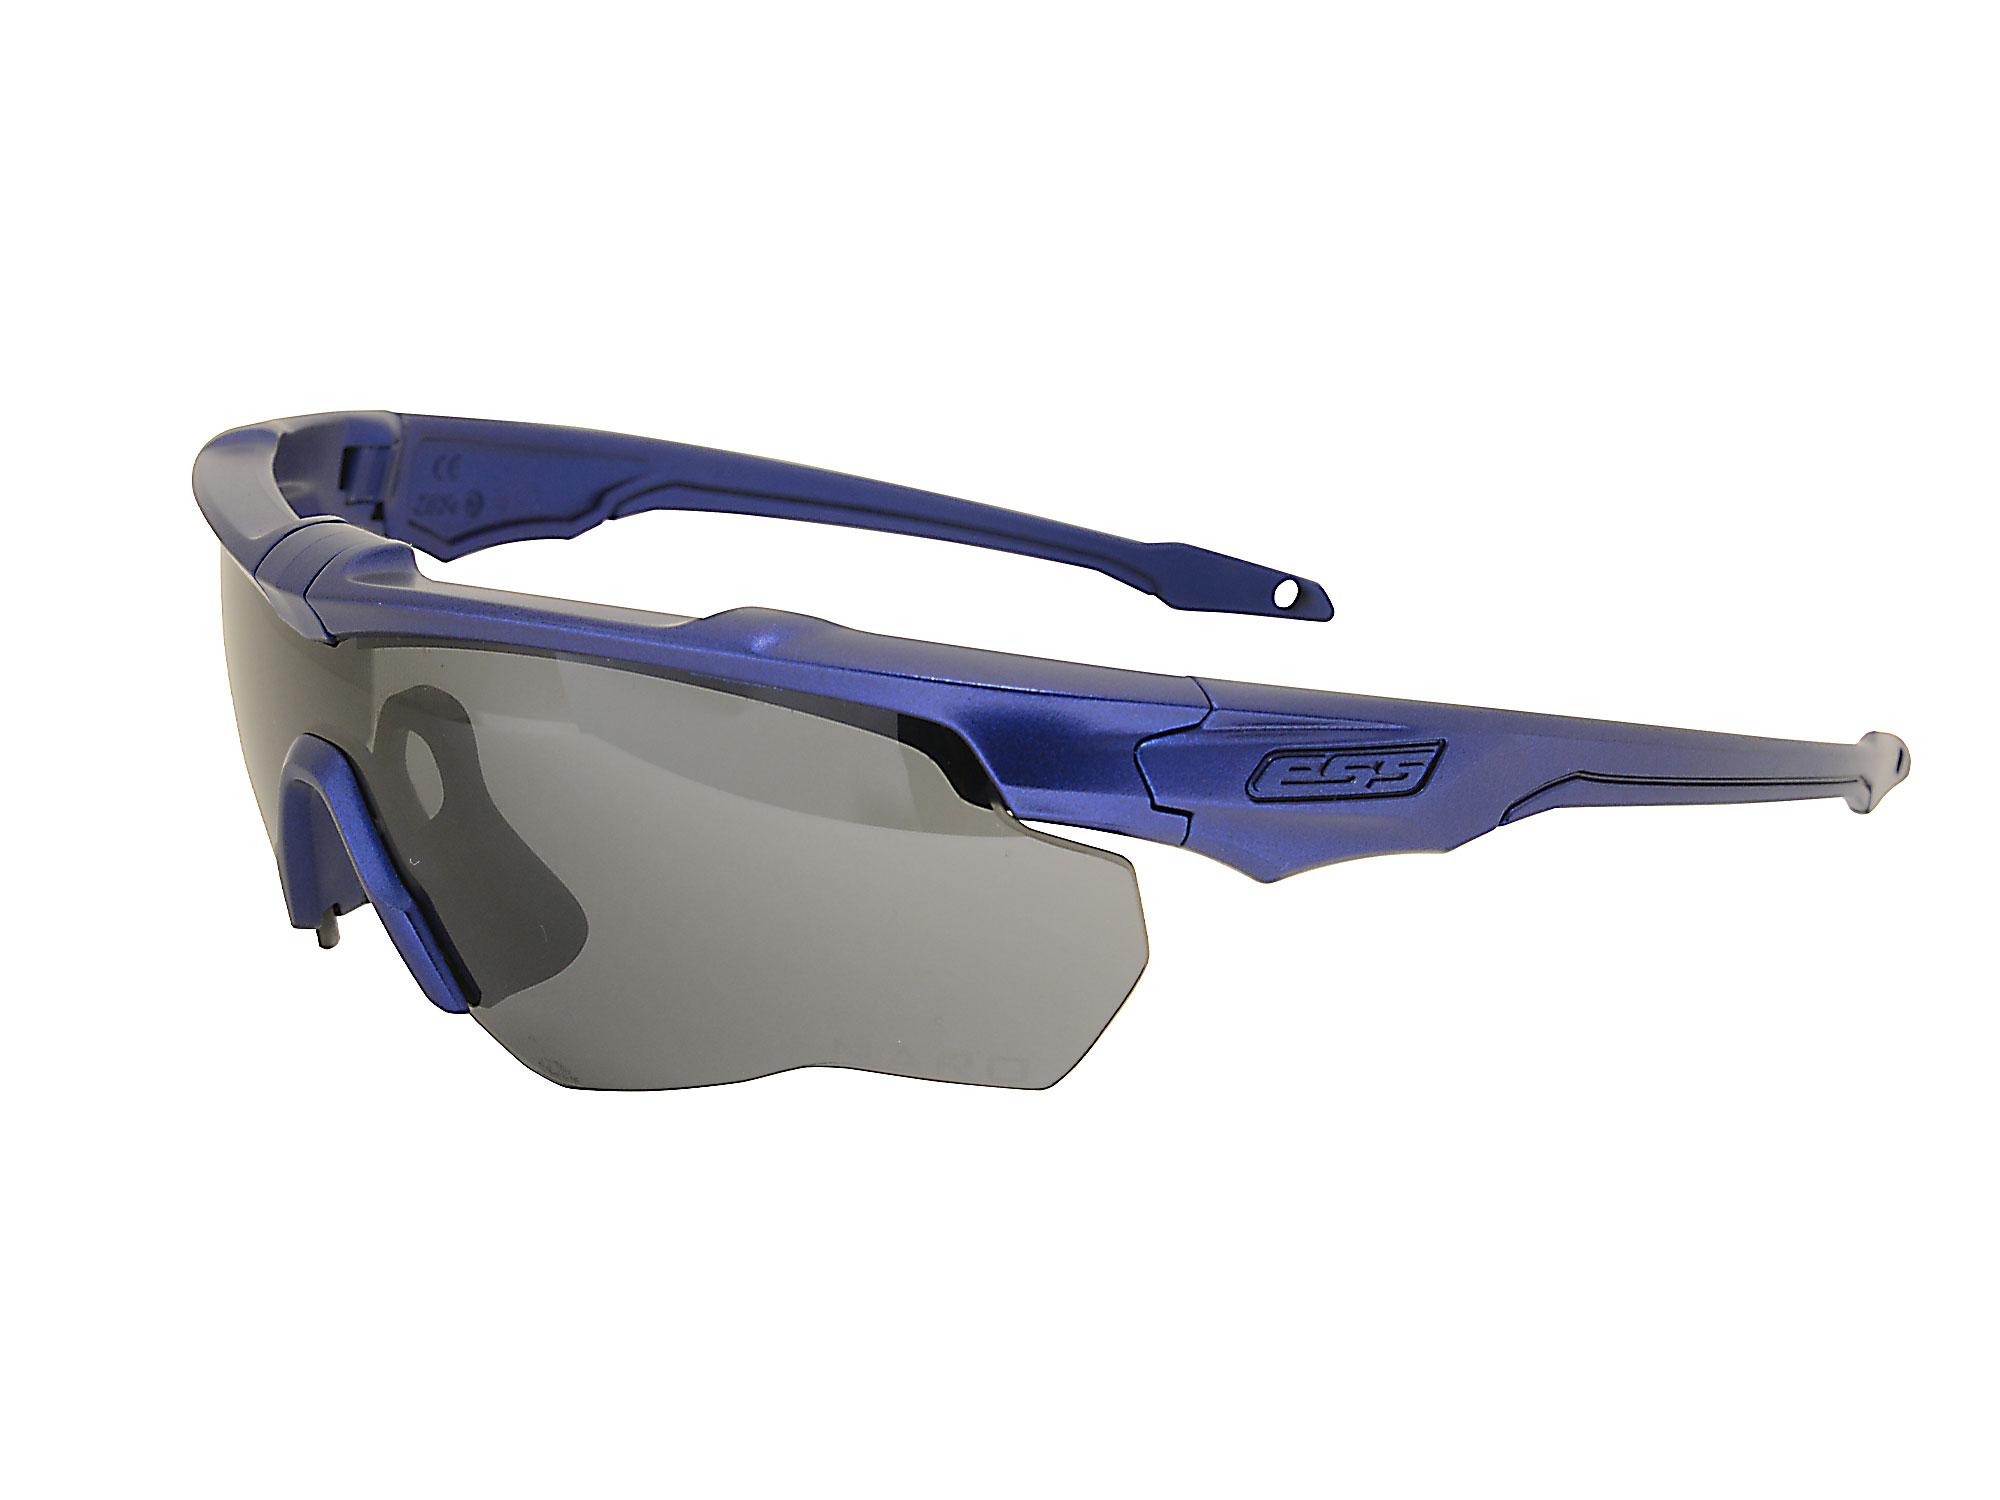 EE9034-107フレーム:スーパーソニック、レンズ:スモークグレイ